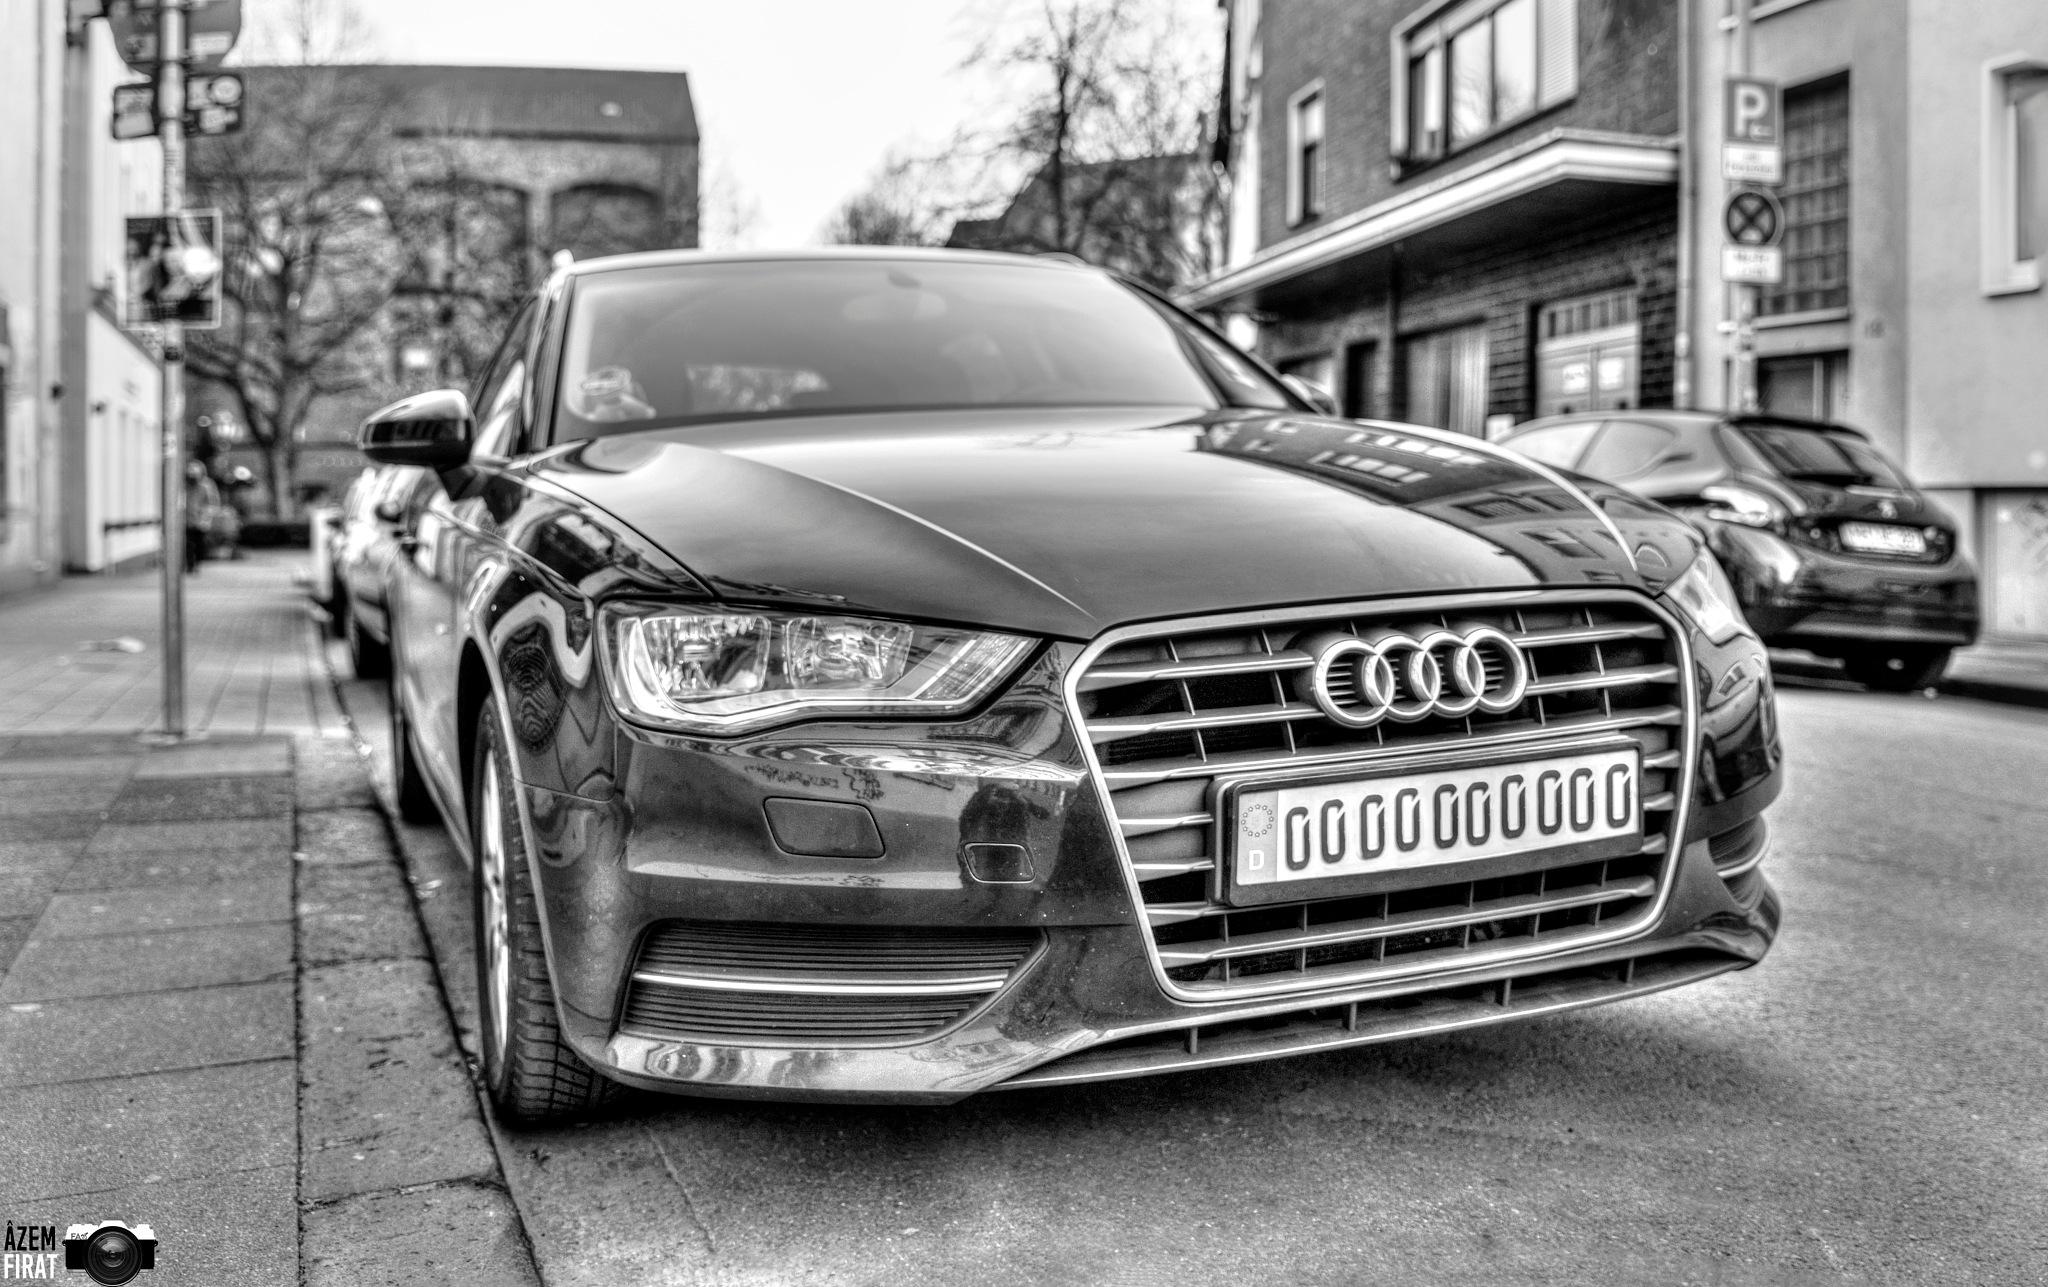 Das Auto. by azem.firat